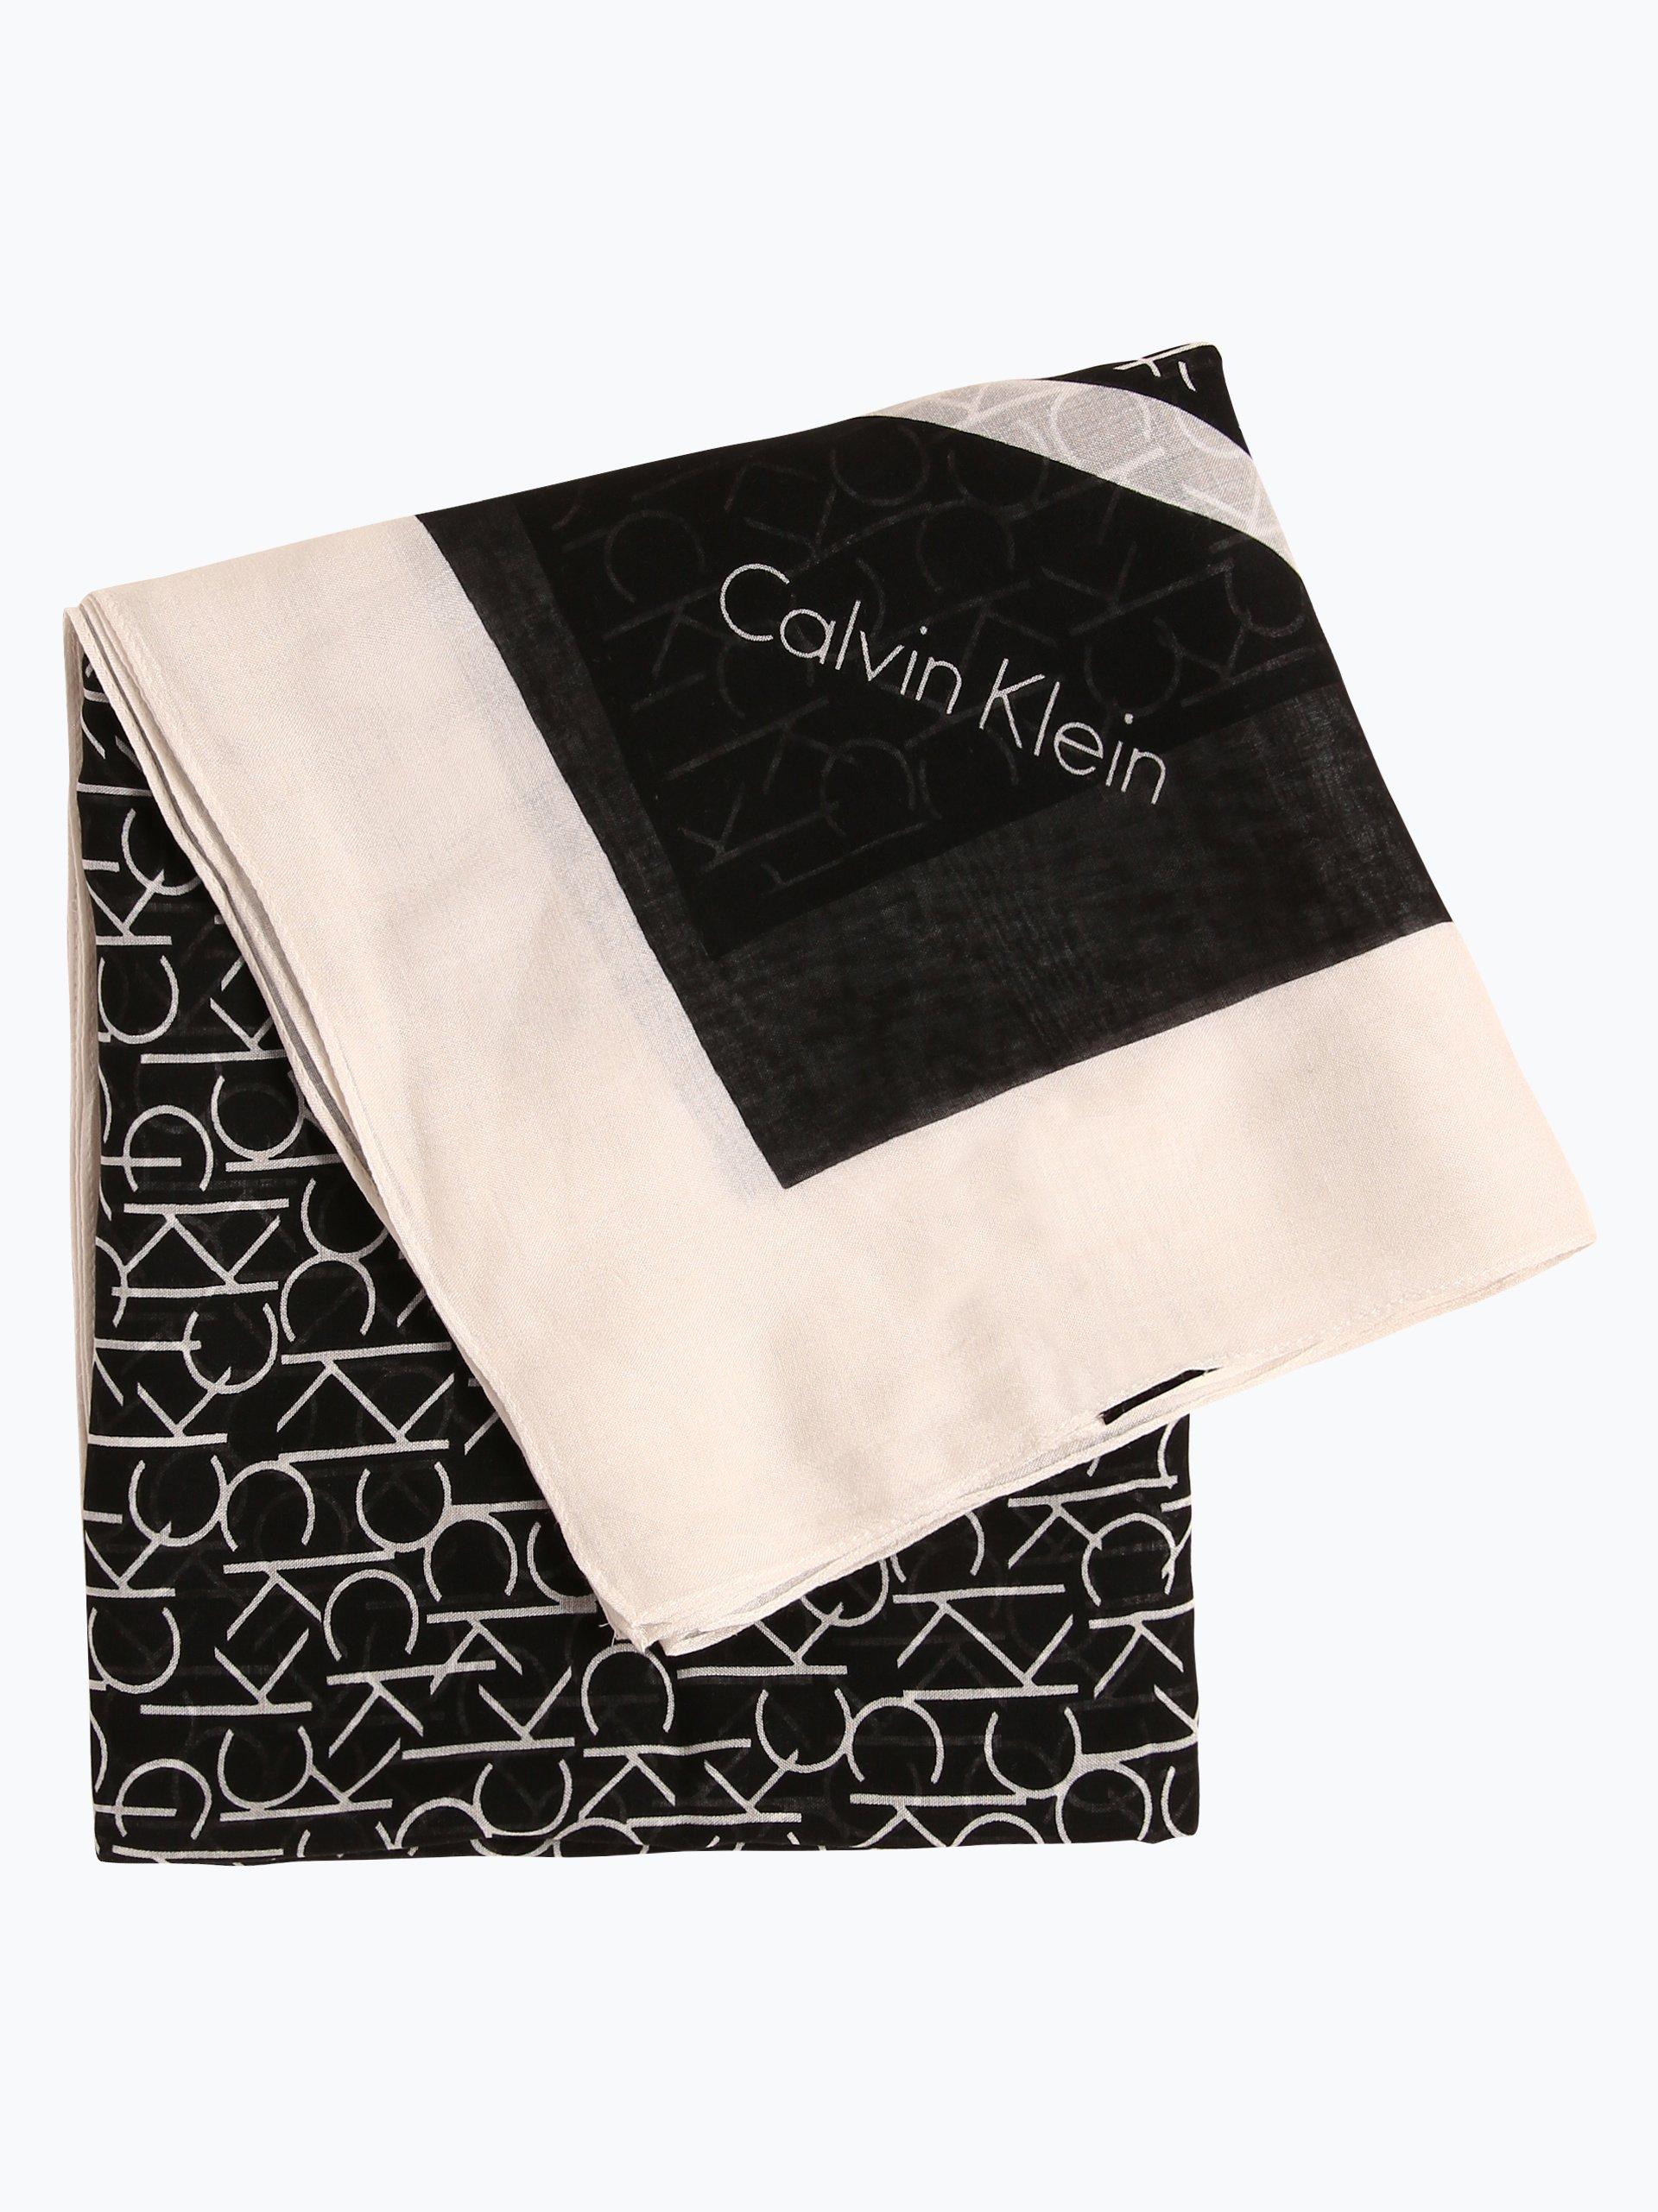 calvin klein damen schal schwarz gemustert online kaufen. Black Bedroom Furniture Sets. Home Design Ideas